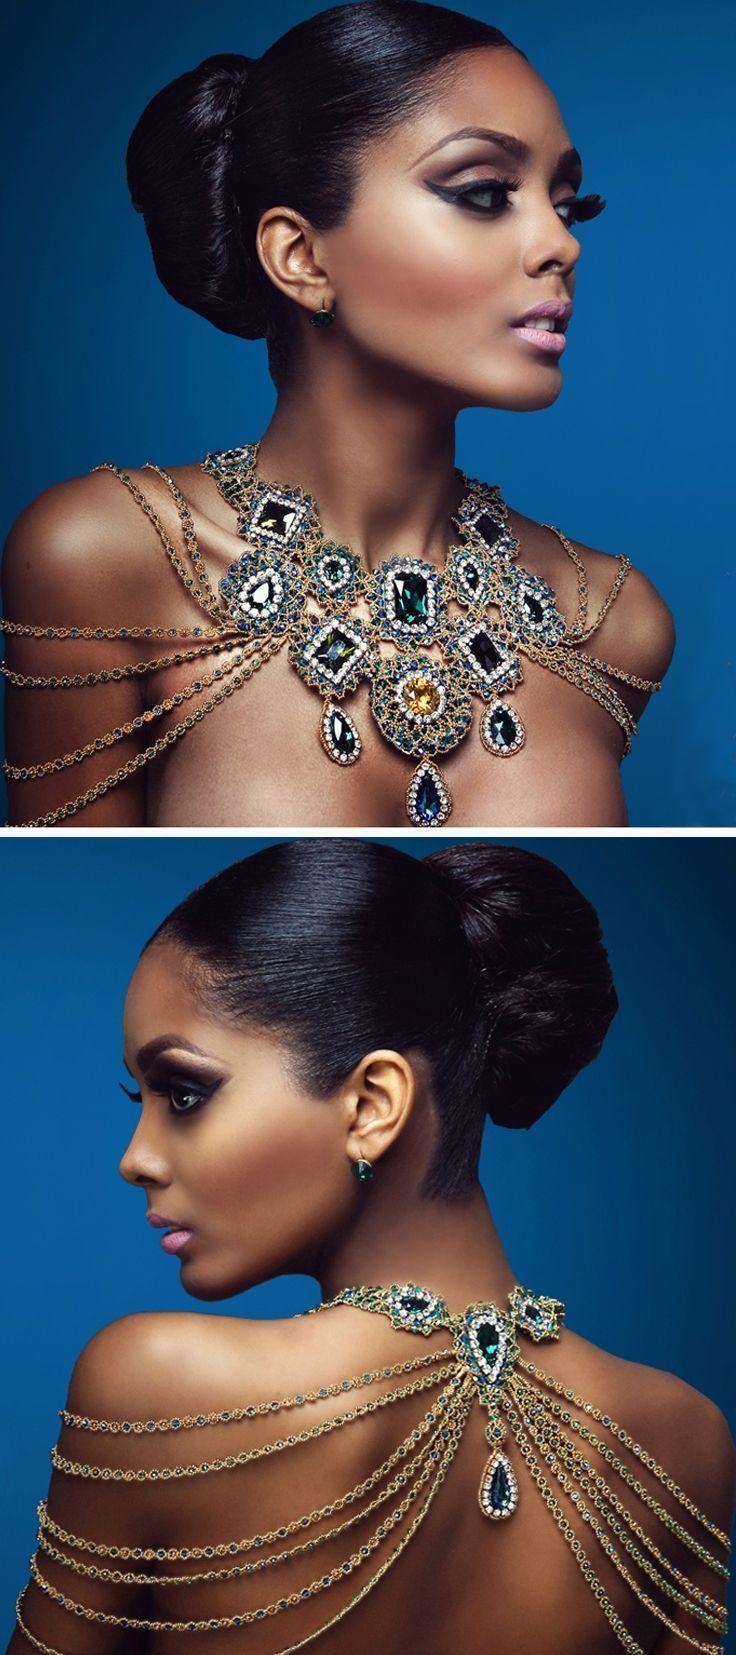 shoulder necklace los angeles - Buscar con Google